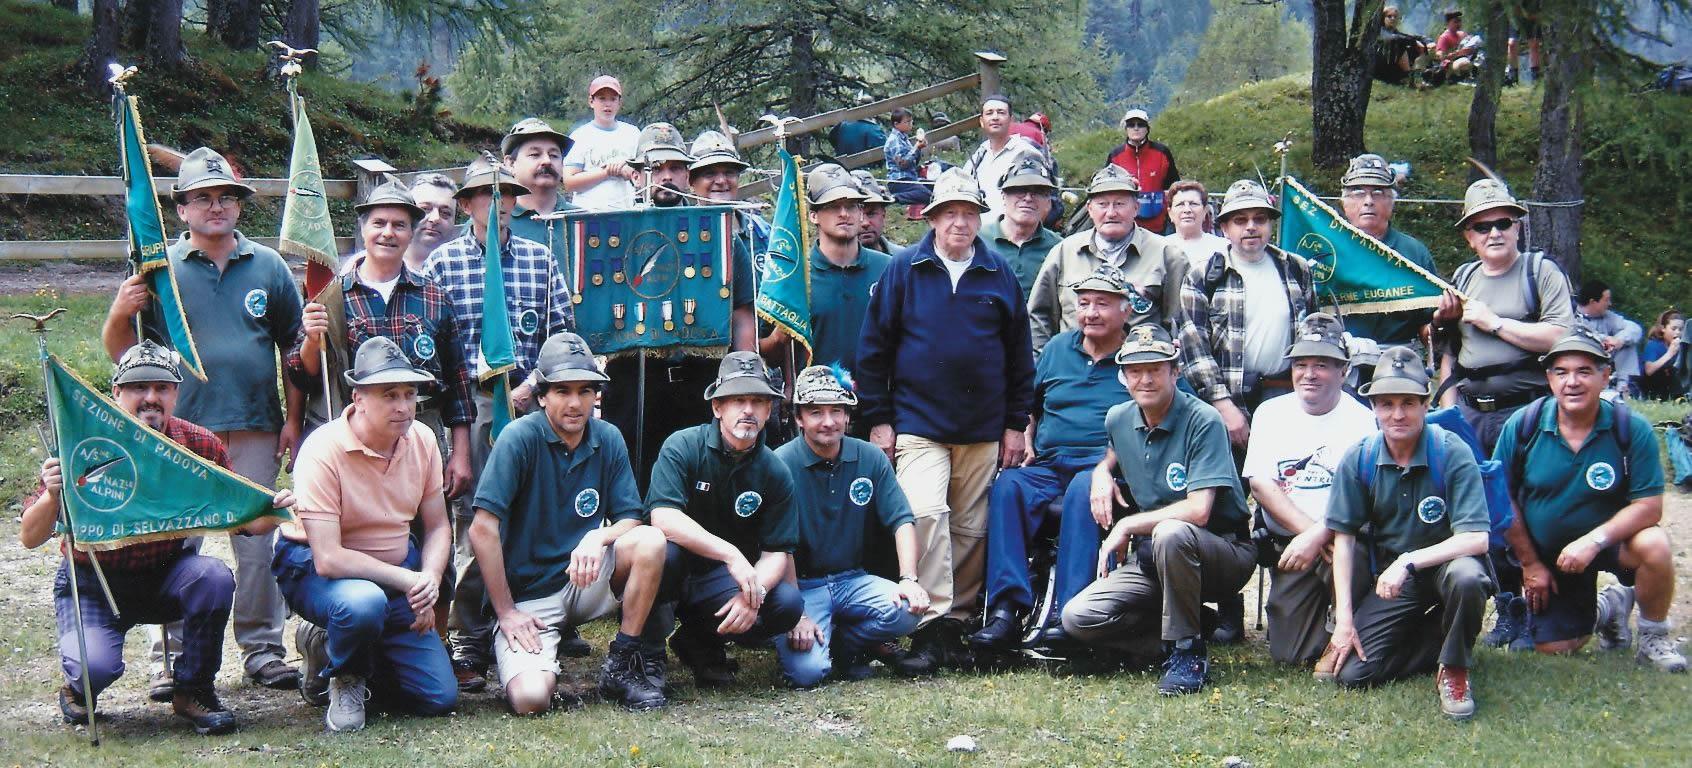 2006: Alpini di Piove e della Sezione con il Presidente Perona